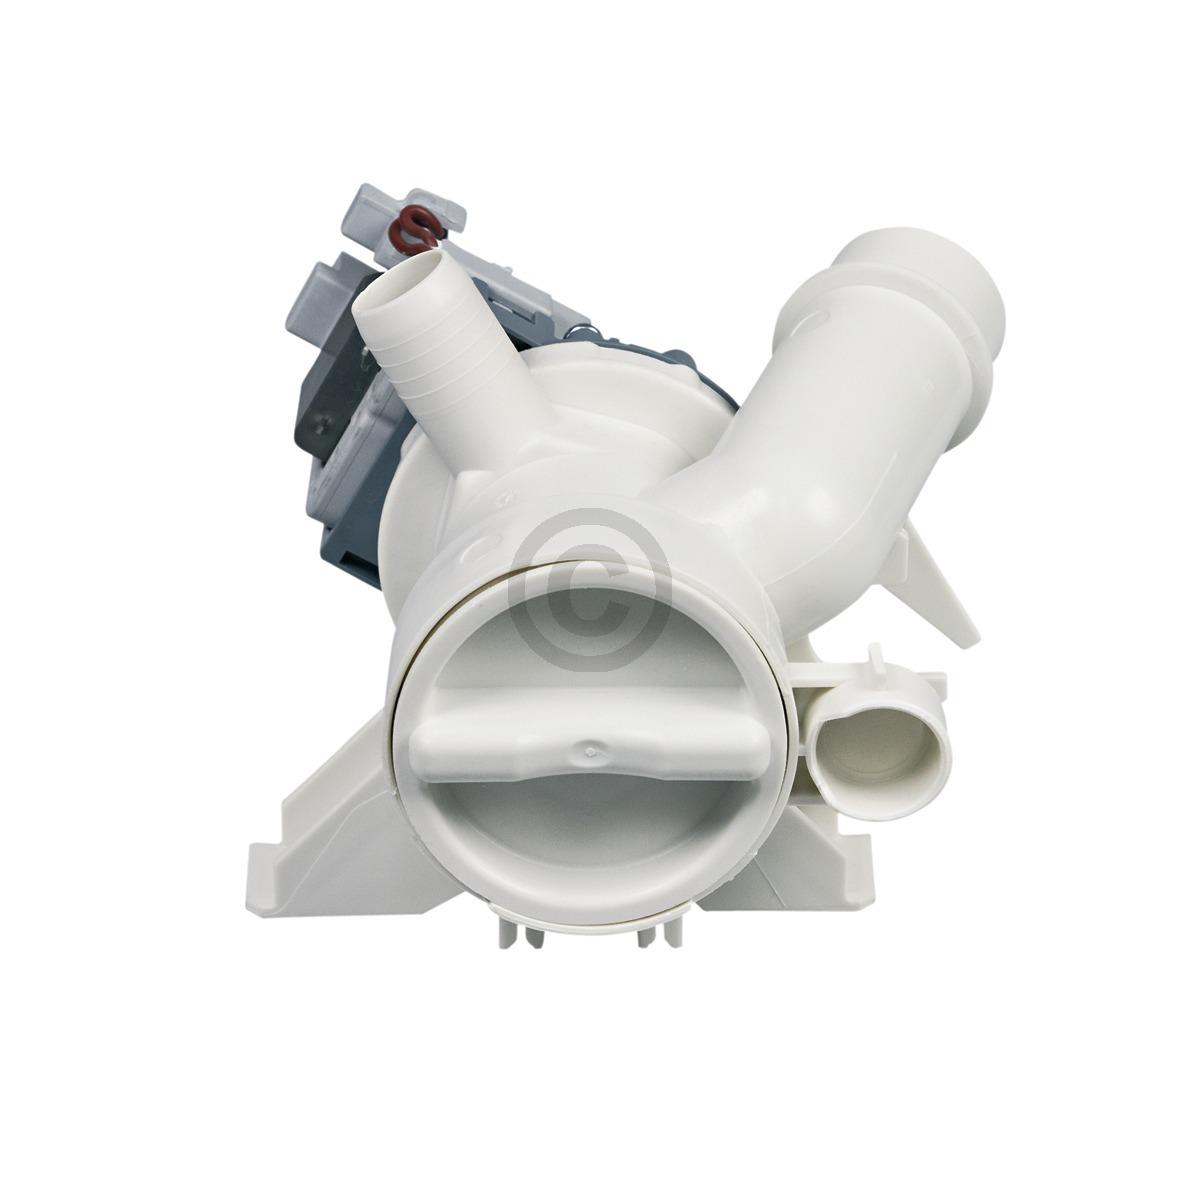 Ablaufpumpe mit Pumpenstutzen und Flusensiebeinsatz AT! 41019104 Candy Hoover